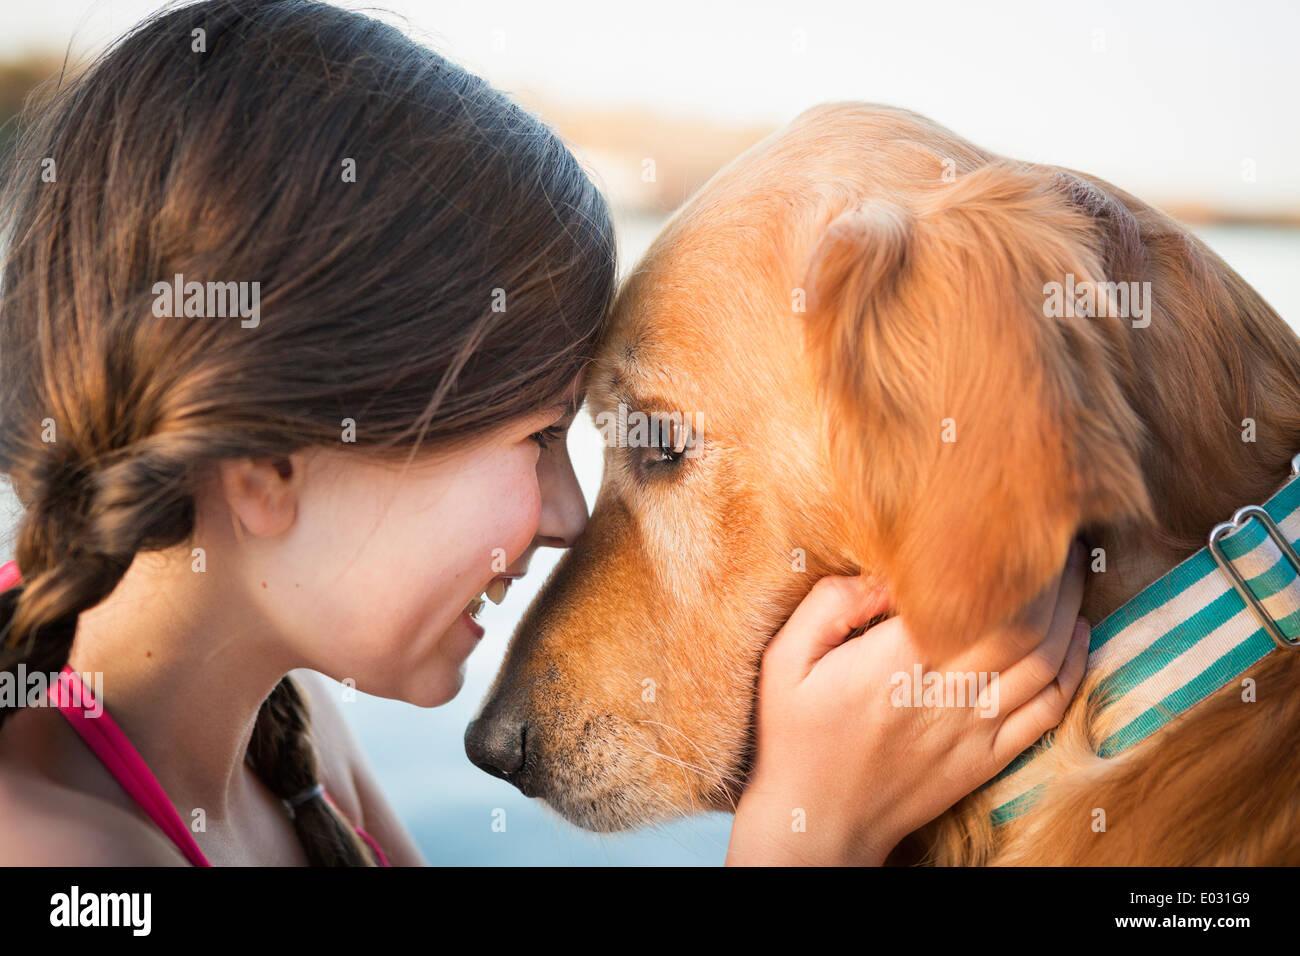 Une jeune fille et d'un golden retriever dog nez à nez. Photo Stock